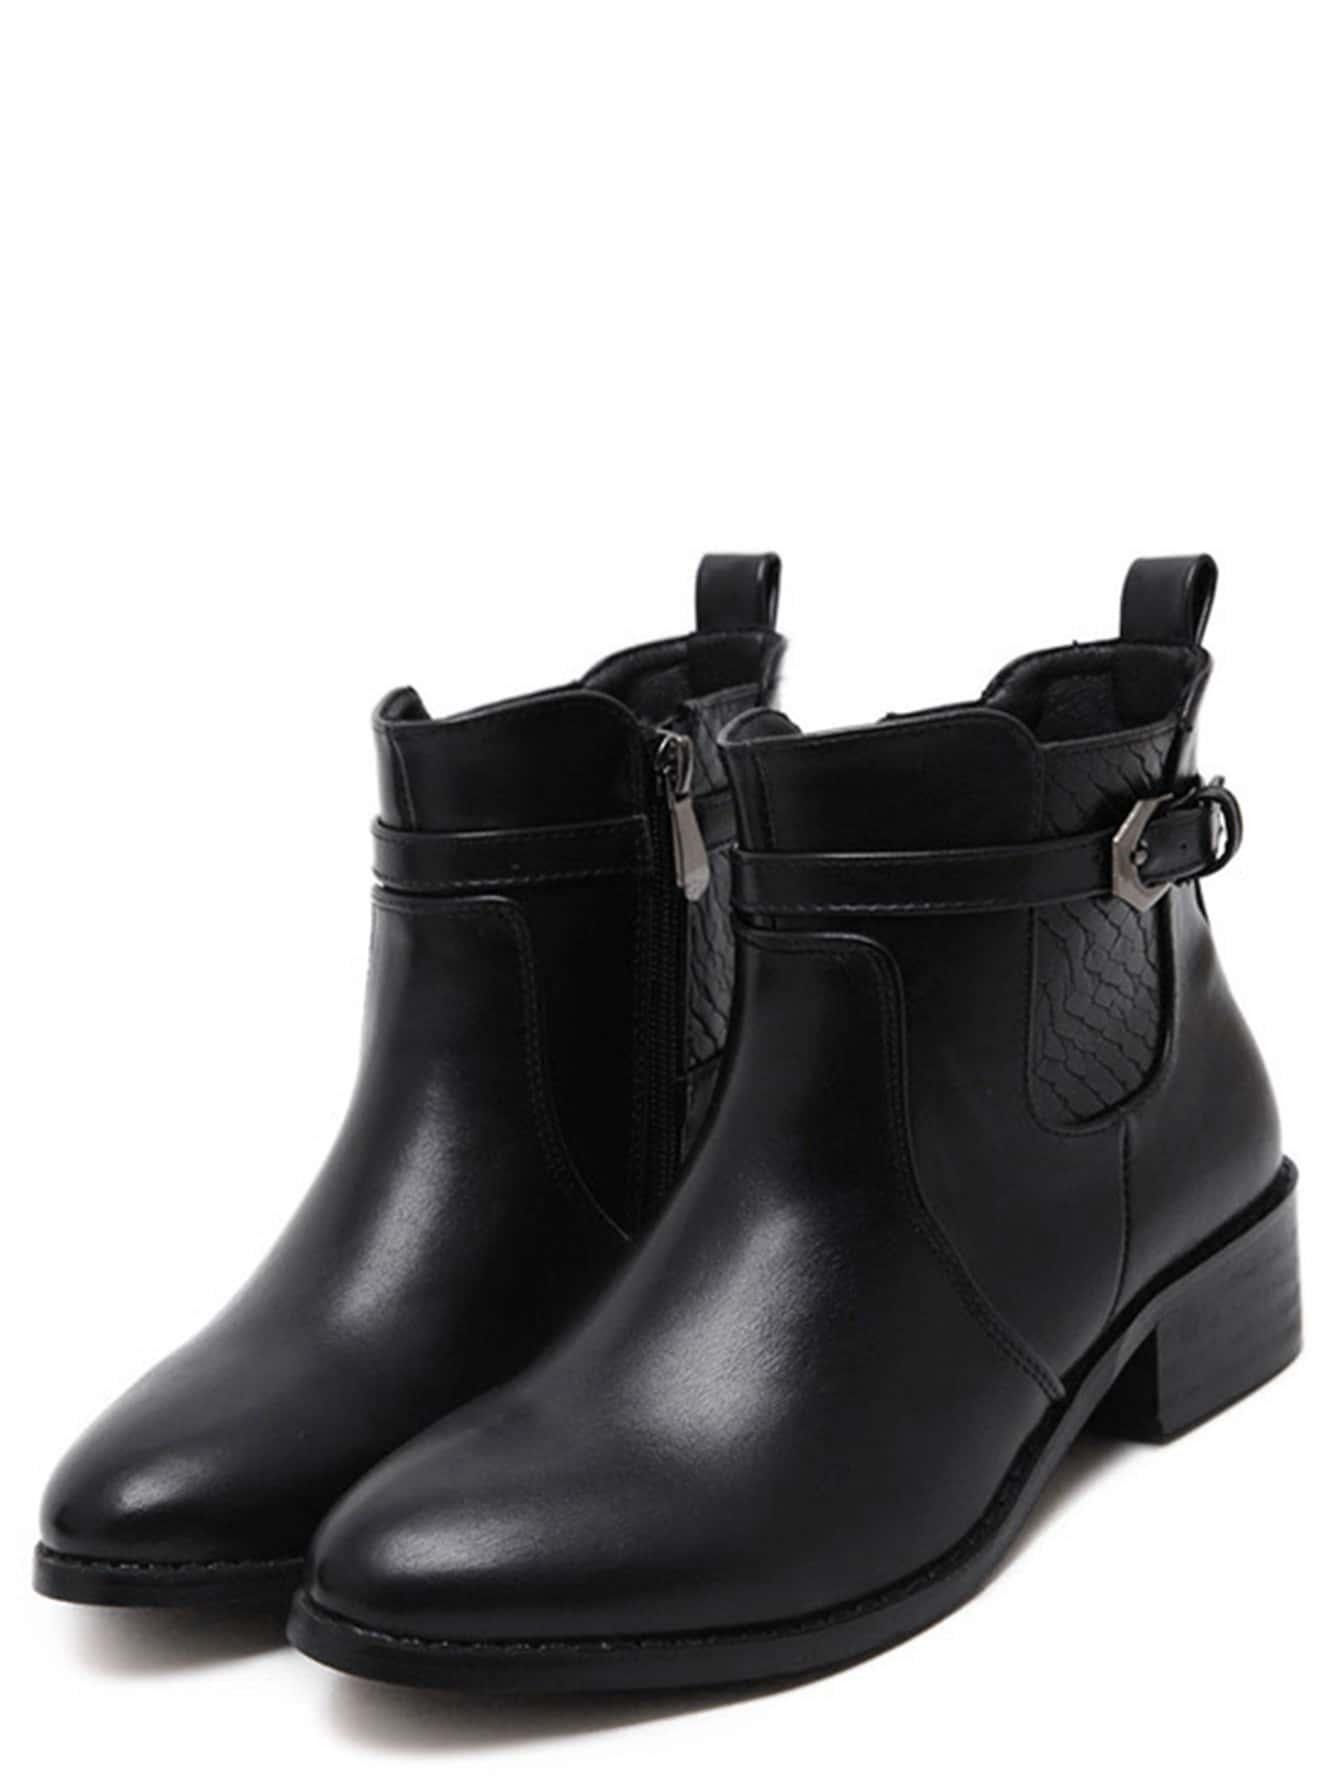 shoes161031815_2